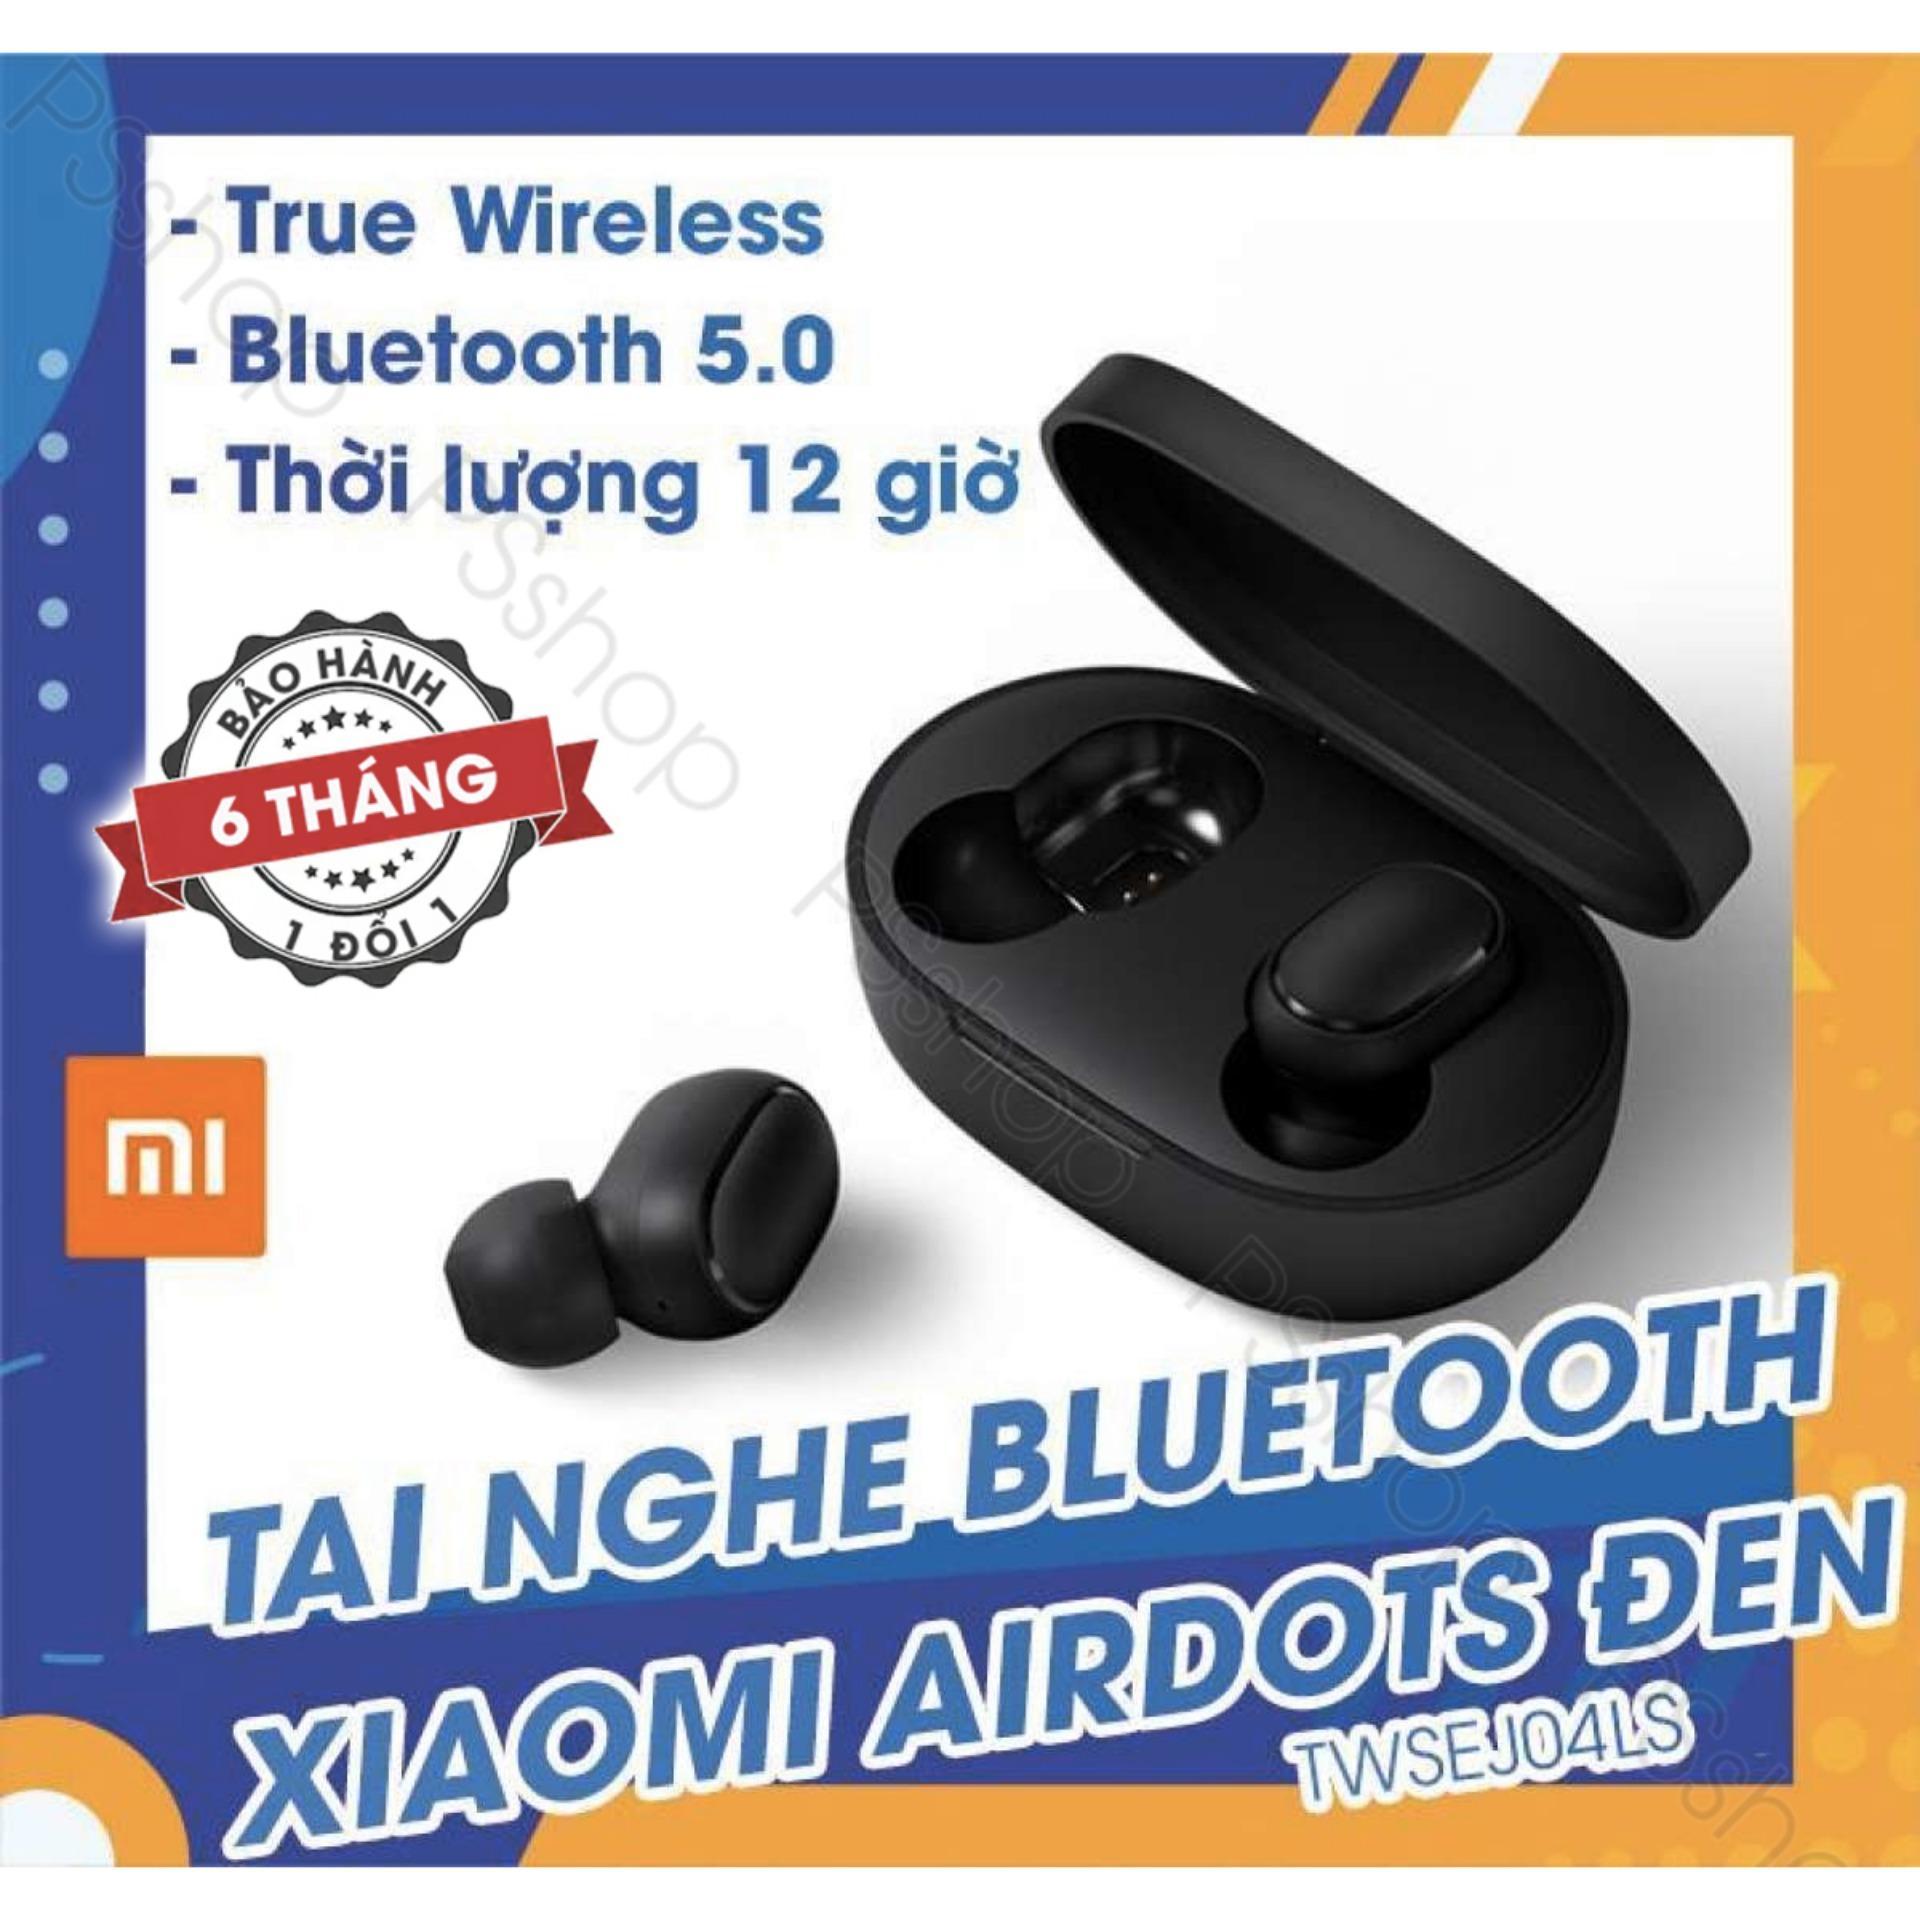 Tai nghe không dây Xiaomi - Redmi Airdots Đen - Bluetooth 5.0, Pin 12 tiếng kèm hộp, Phím vật lý